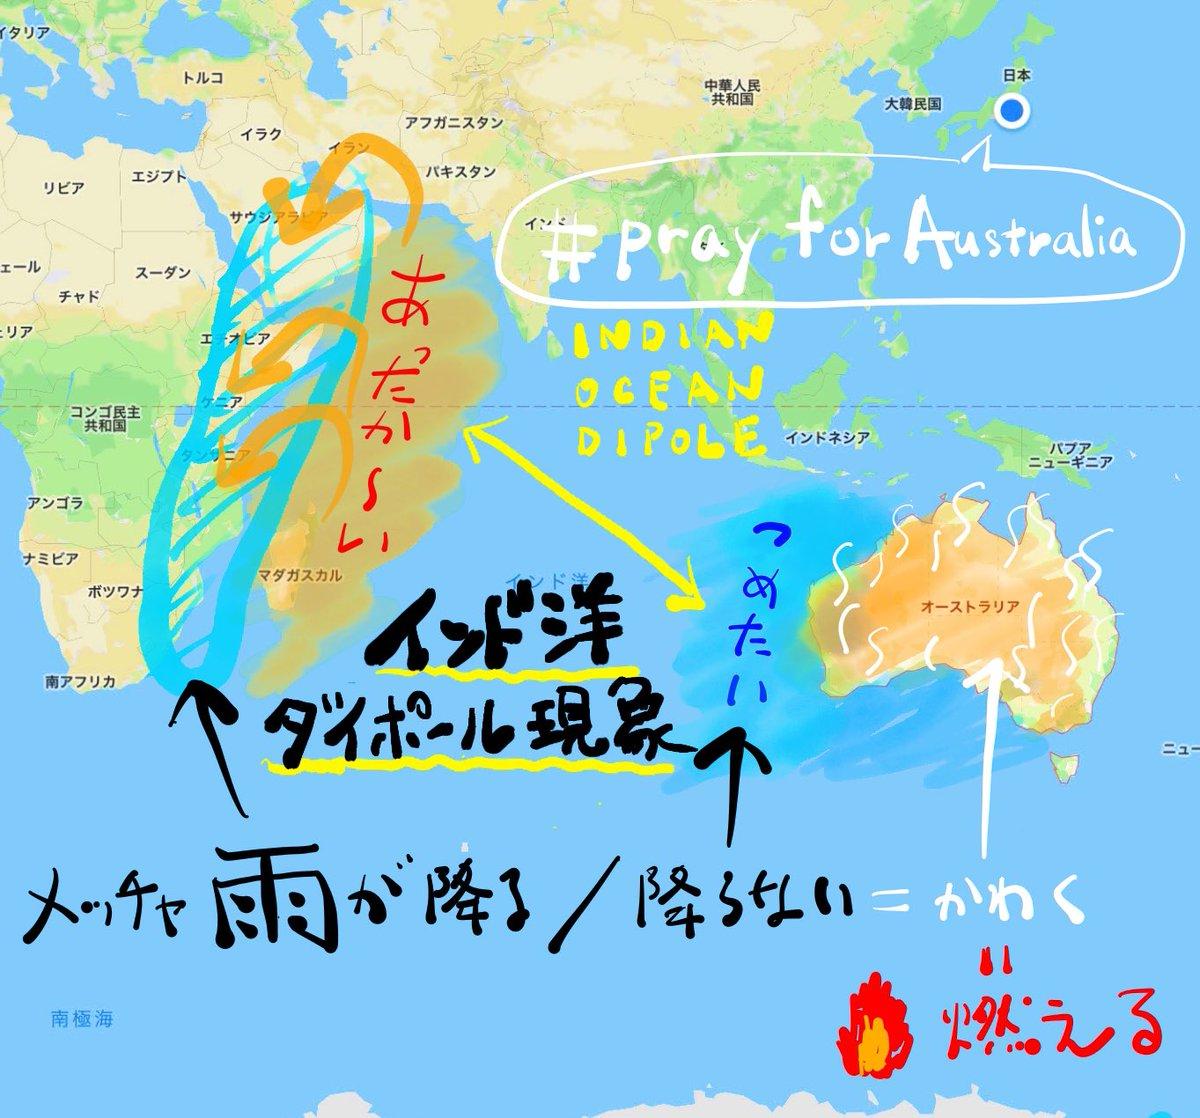 火事 現在 オーストラリア オーストラリア山火事の原因真相!いつからどの場所が被害に?